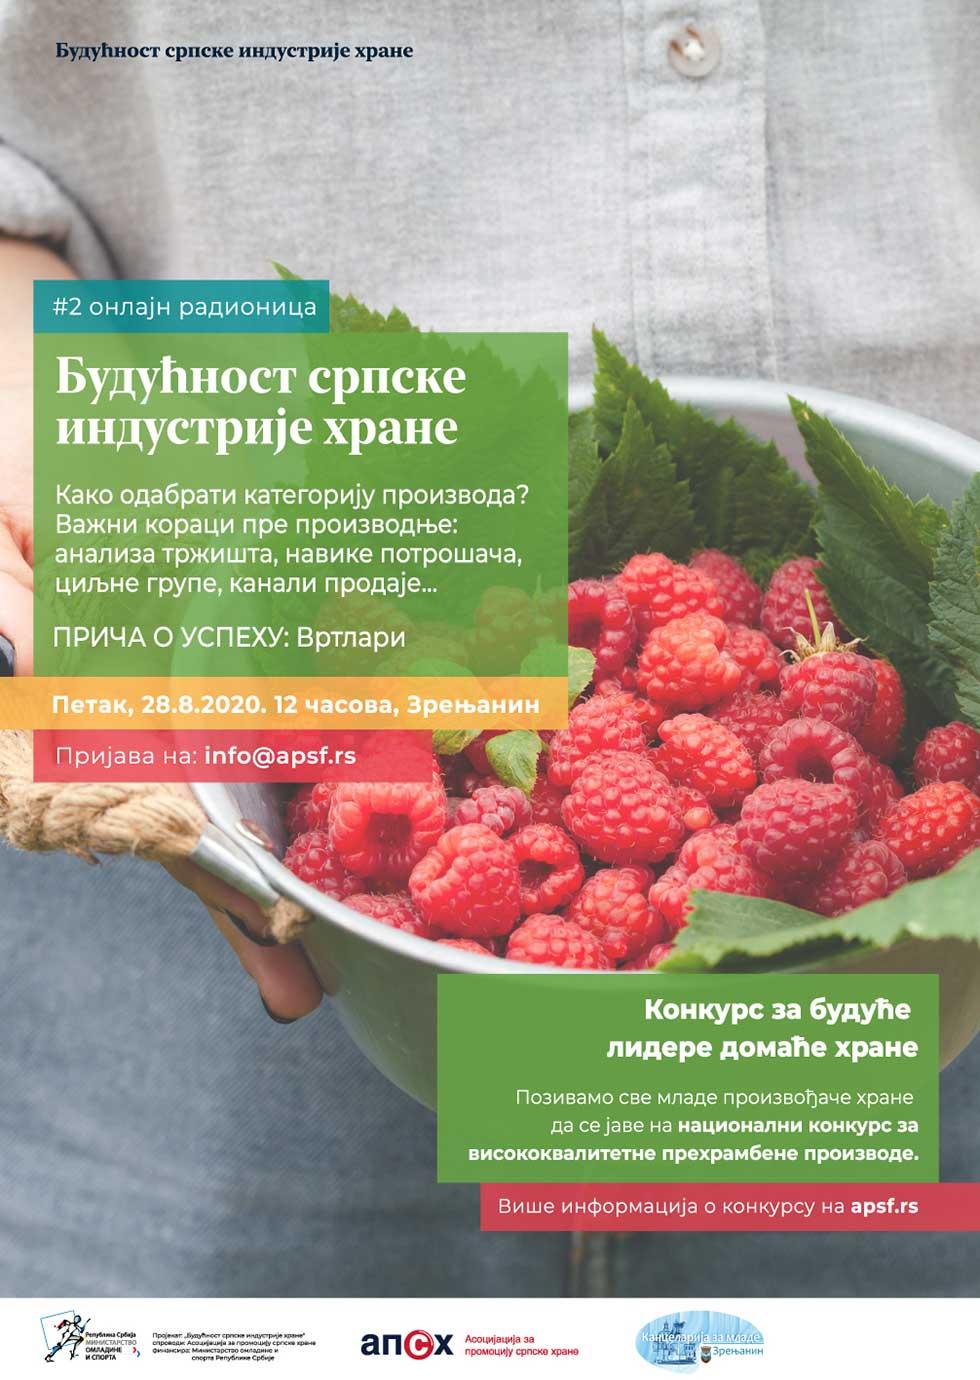 budućnost srpske industrije hrane